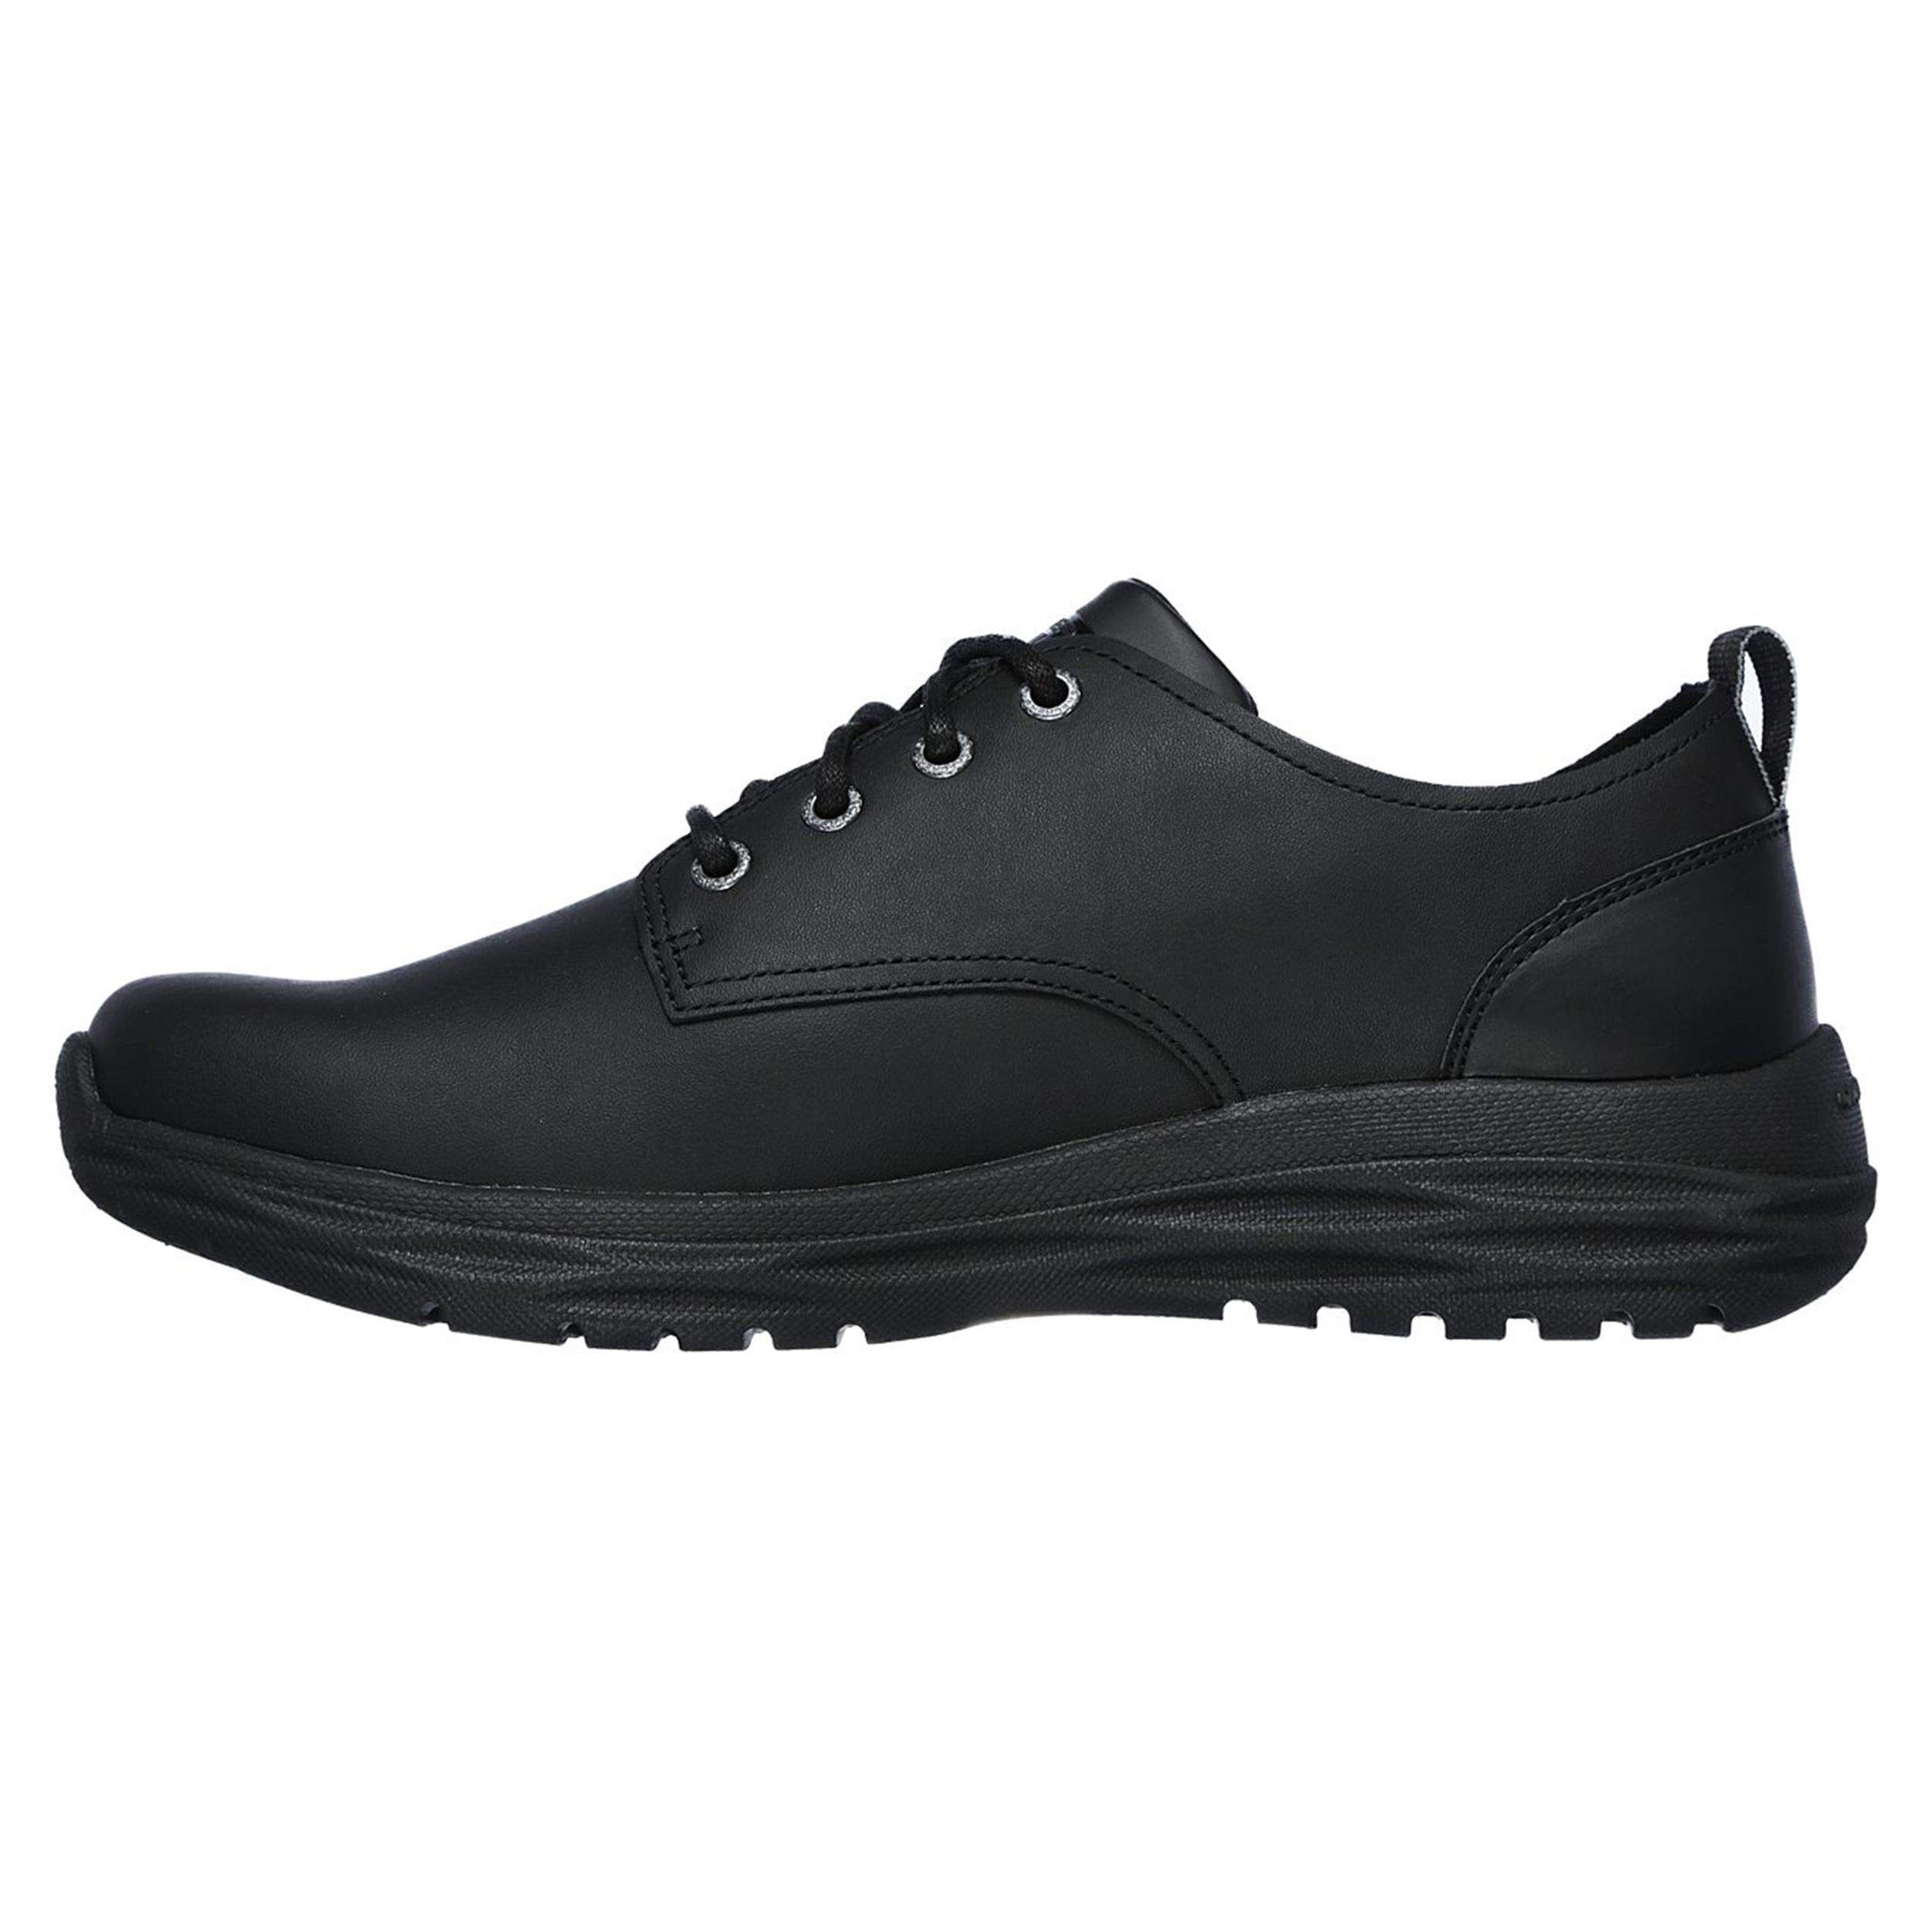 کفش مخصوص پیاده روی مردانه اسکچرز مدل MIRACLE 65764BLK